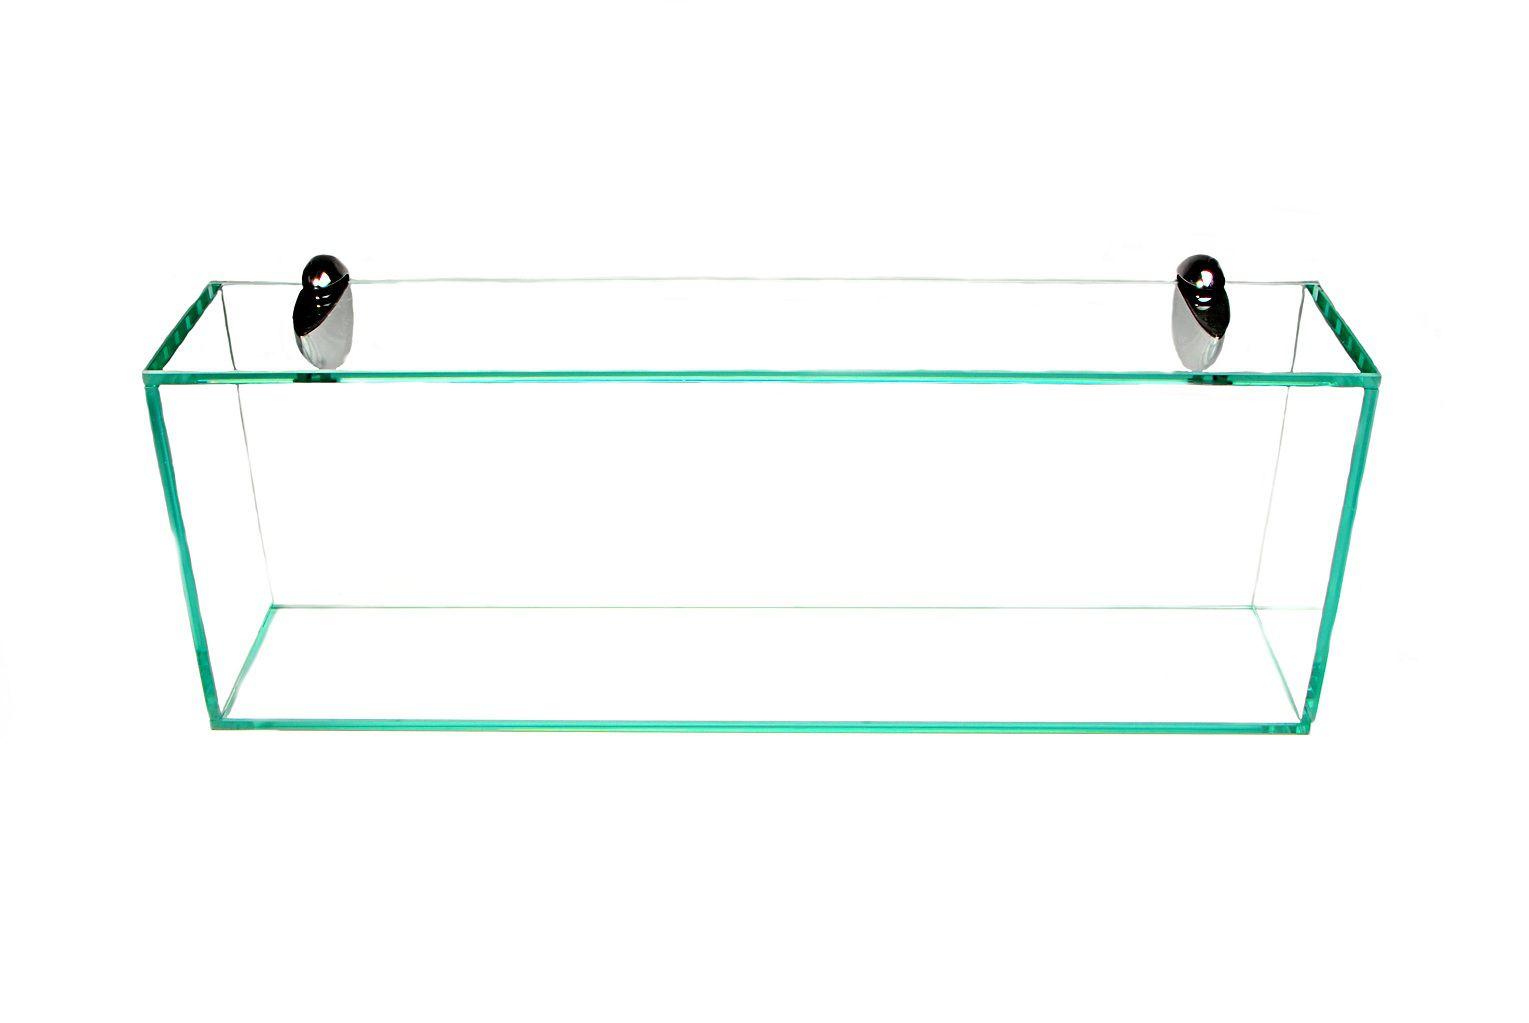 Nicho em Vidro Incolor 8mm com Suportes Tucanos - Aquabox  - 60cmx20cmx12cm